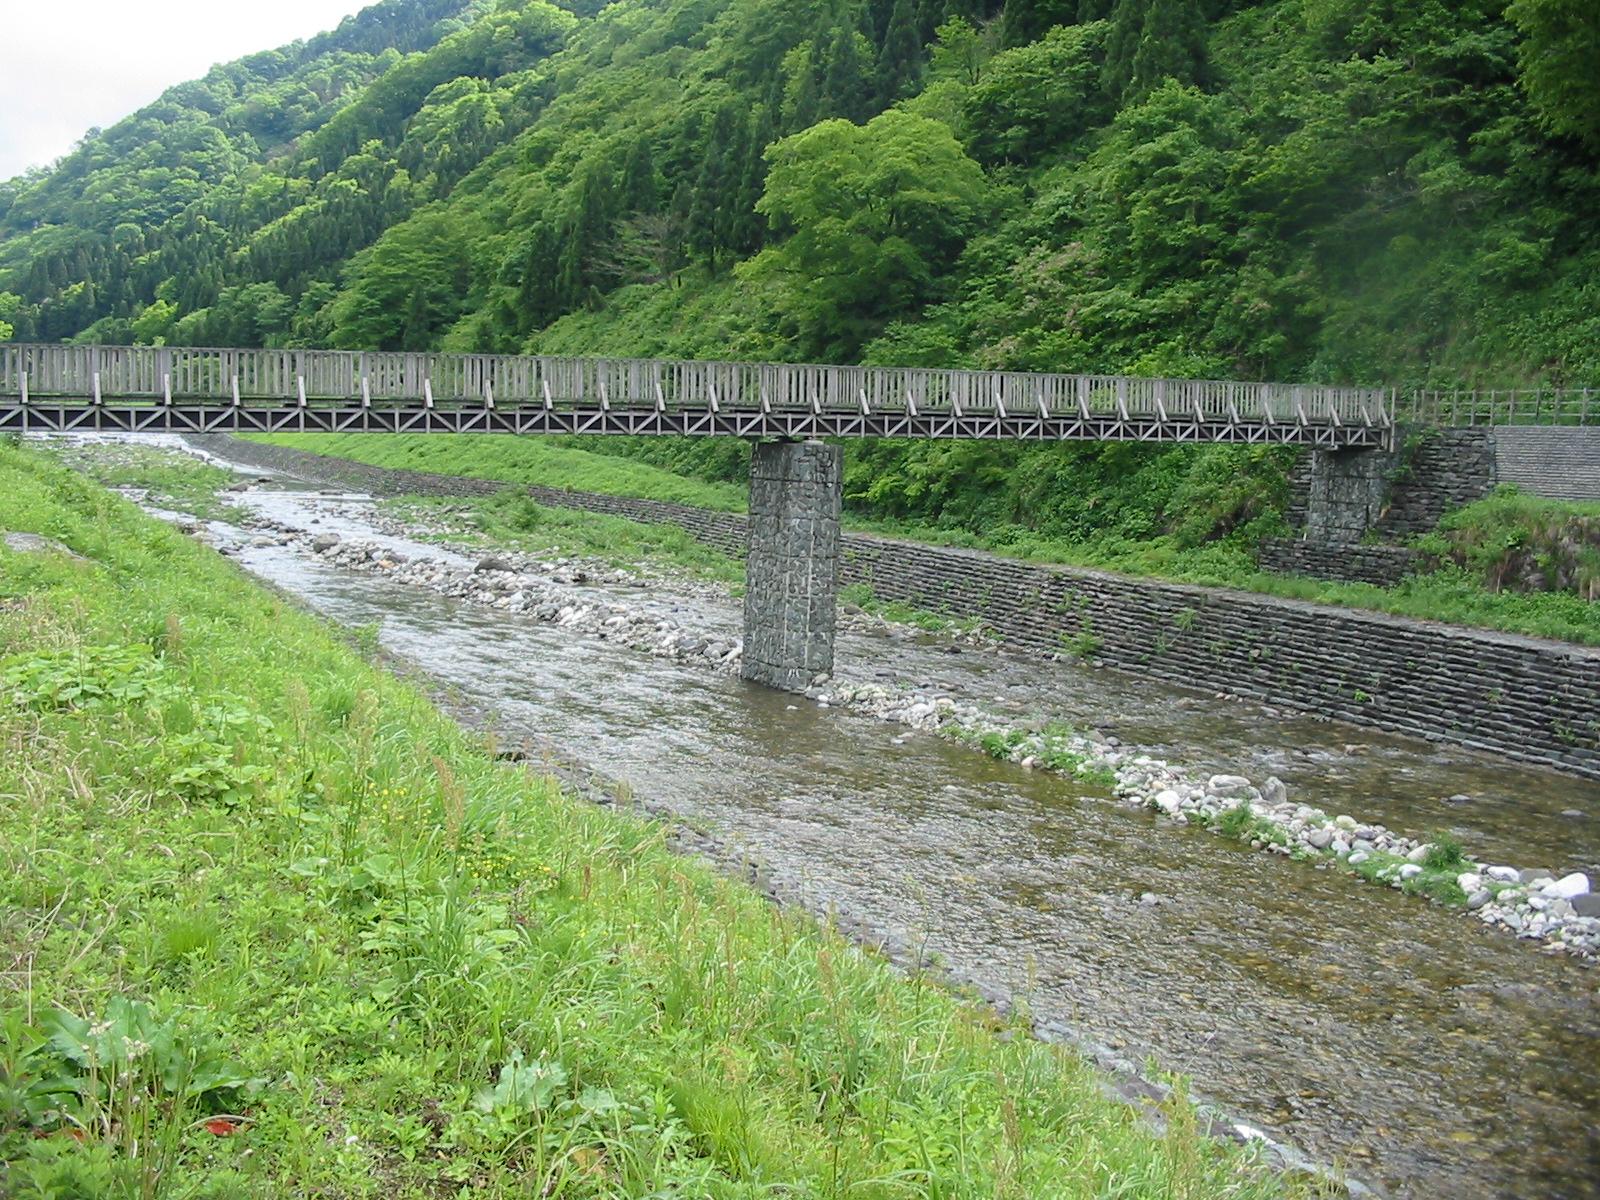 H20.05.25 フライ釣行 利賀川 : 富山のとし 鮎の友釣り日記 等